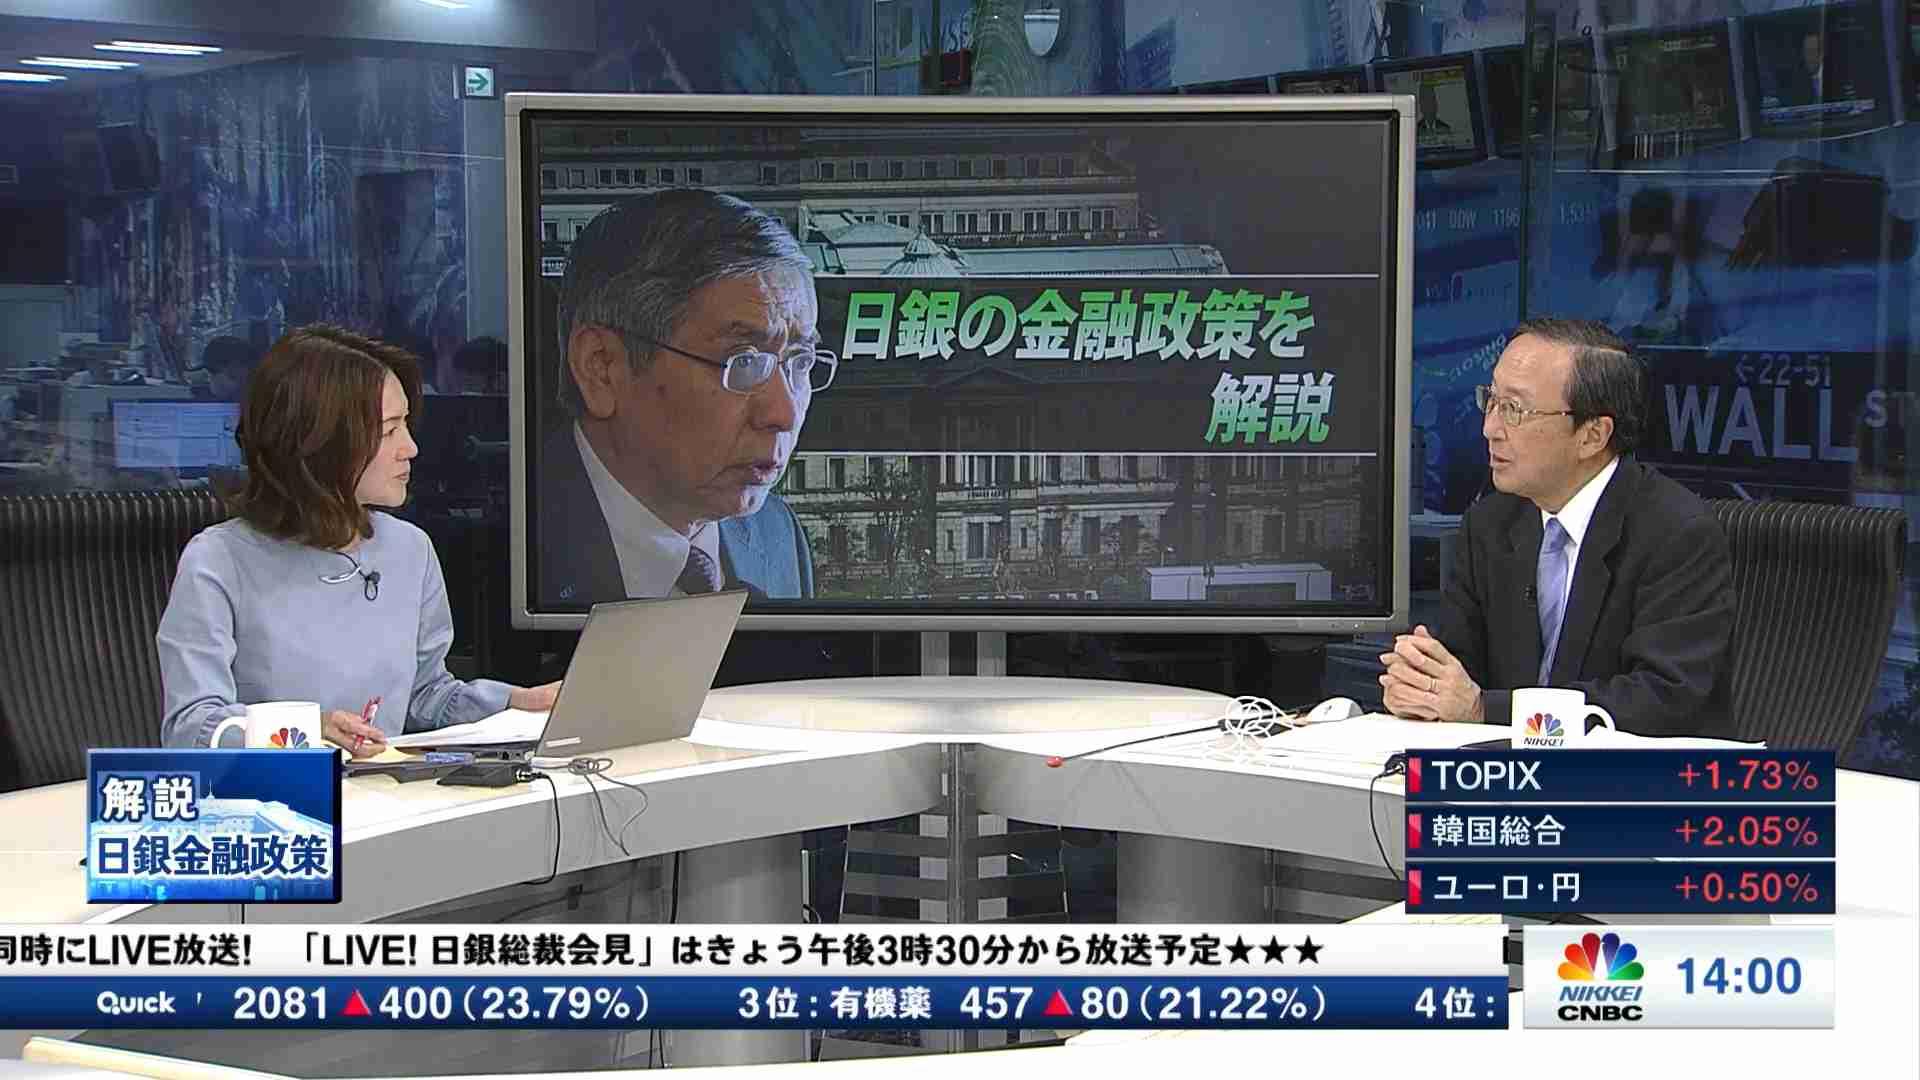 日経CNBC動画セレクション